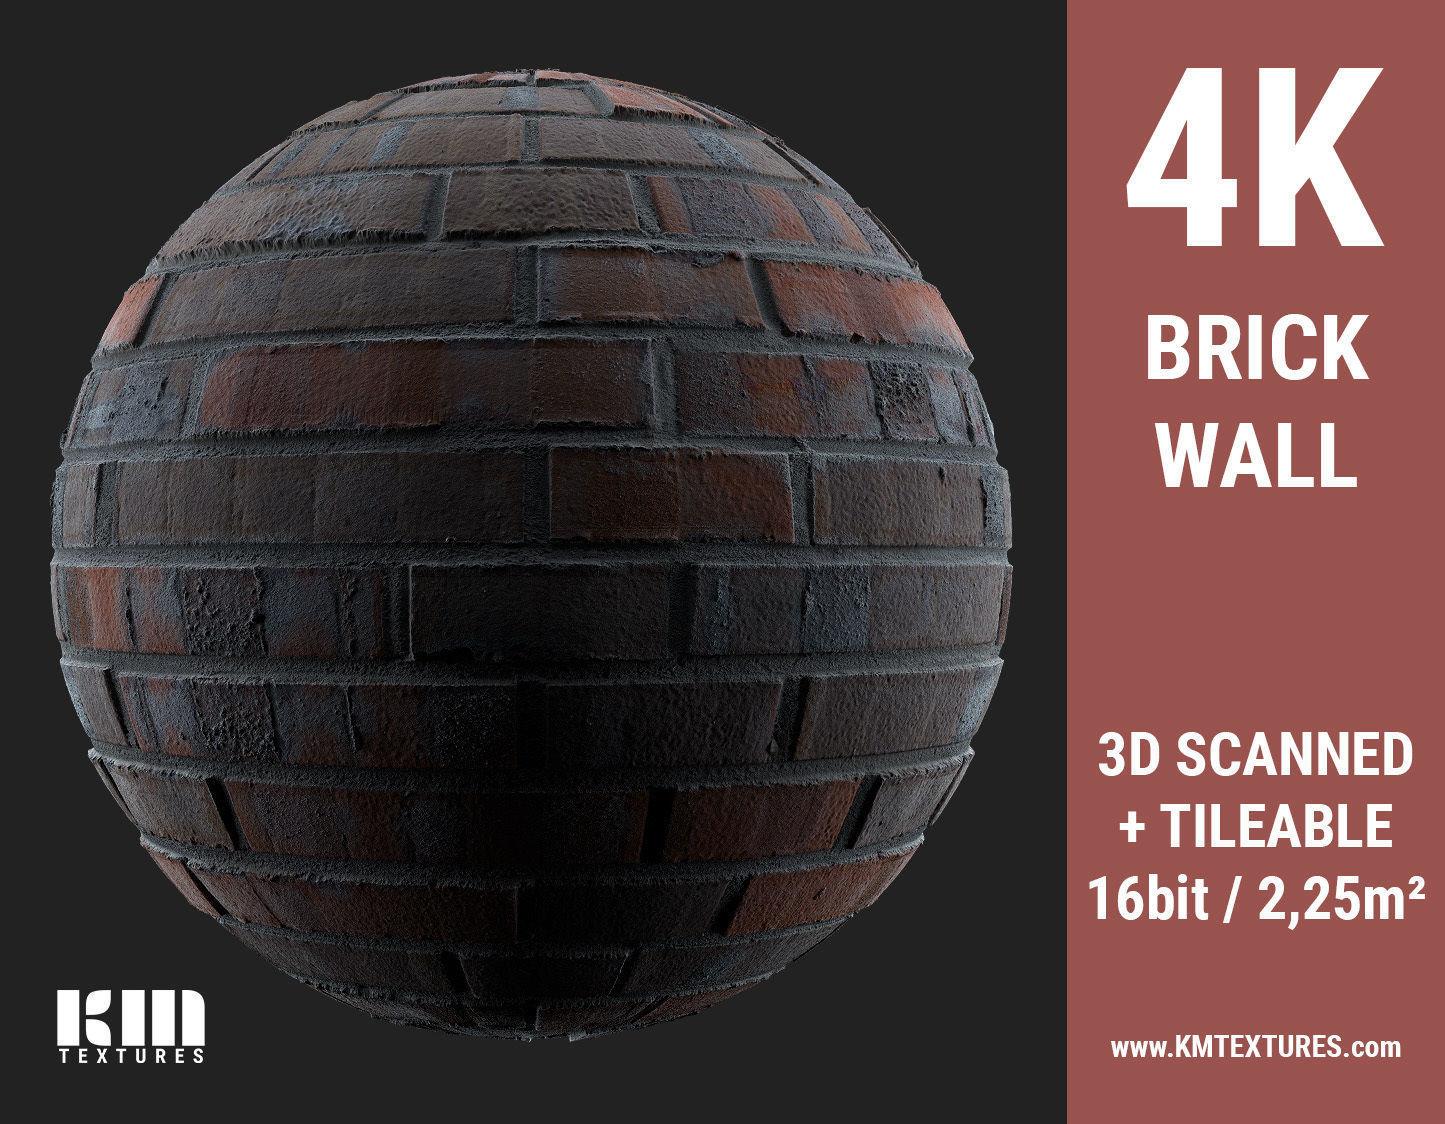 3D Scanned 4K Brick Wall